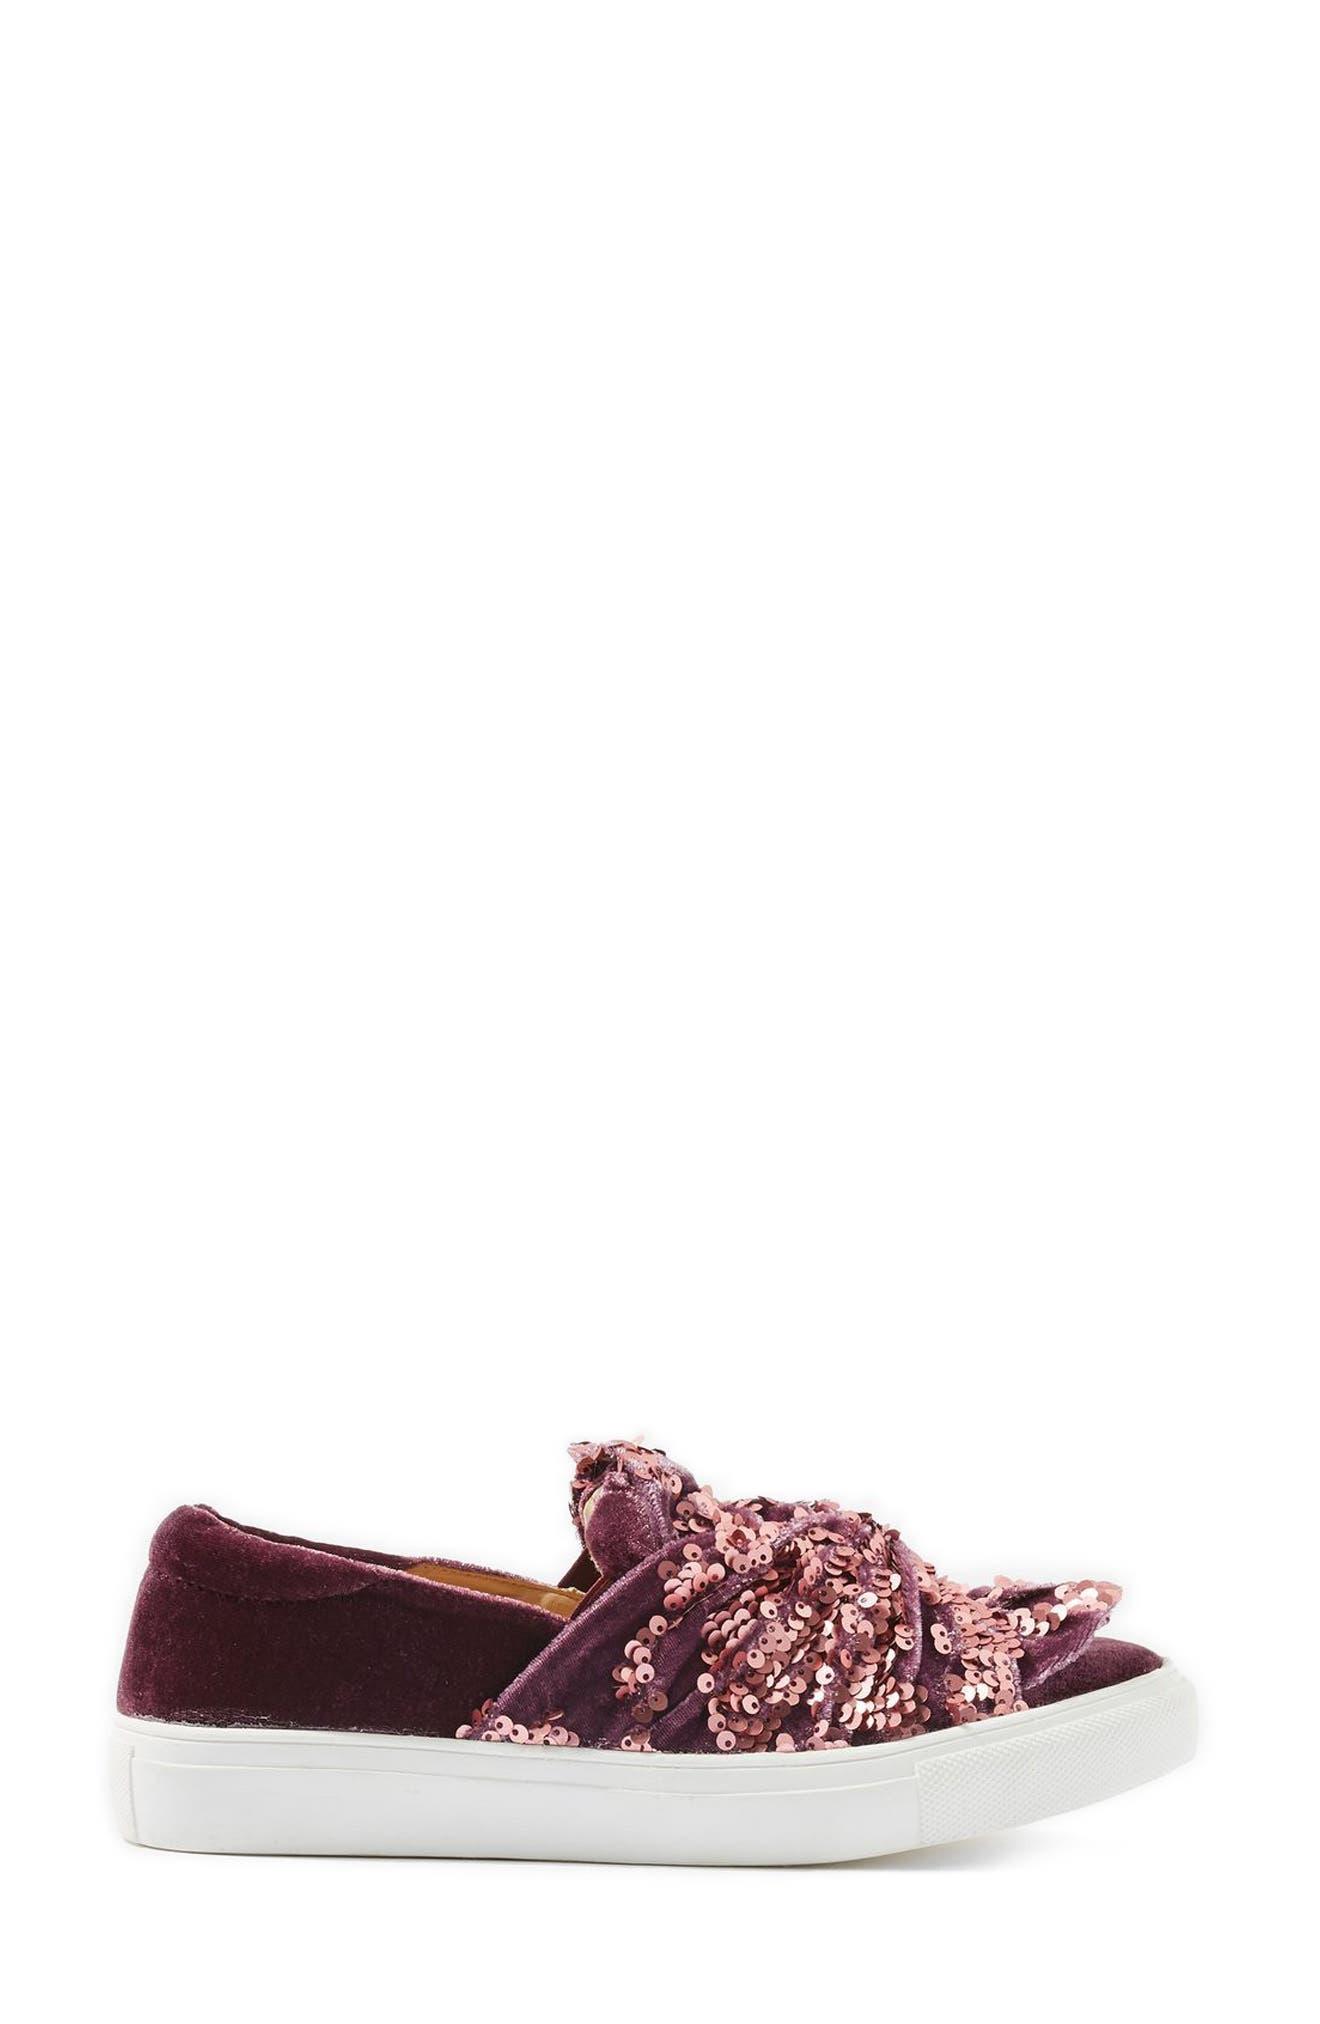 Twisted Sequin Velvet Sneakers,                             Alternate thumbnail 2, color,                             650